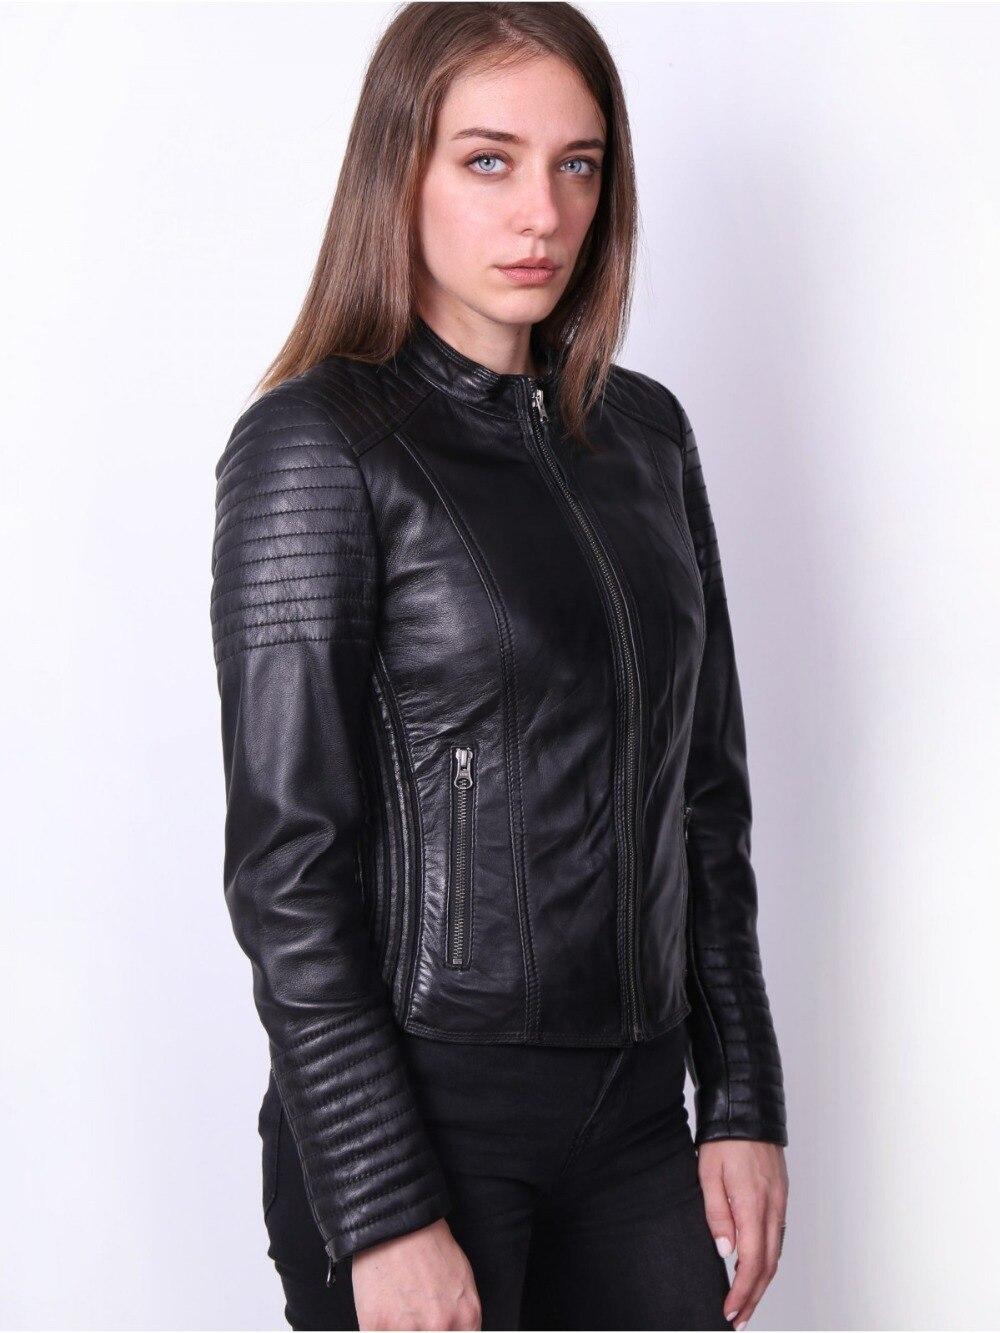 Женская байкерская куртка VAINAS, кожаная байкерская куртка из натуральной овчины европейского бренда